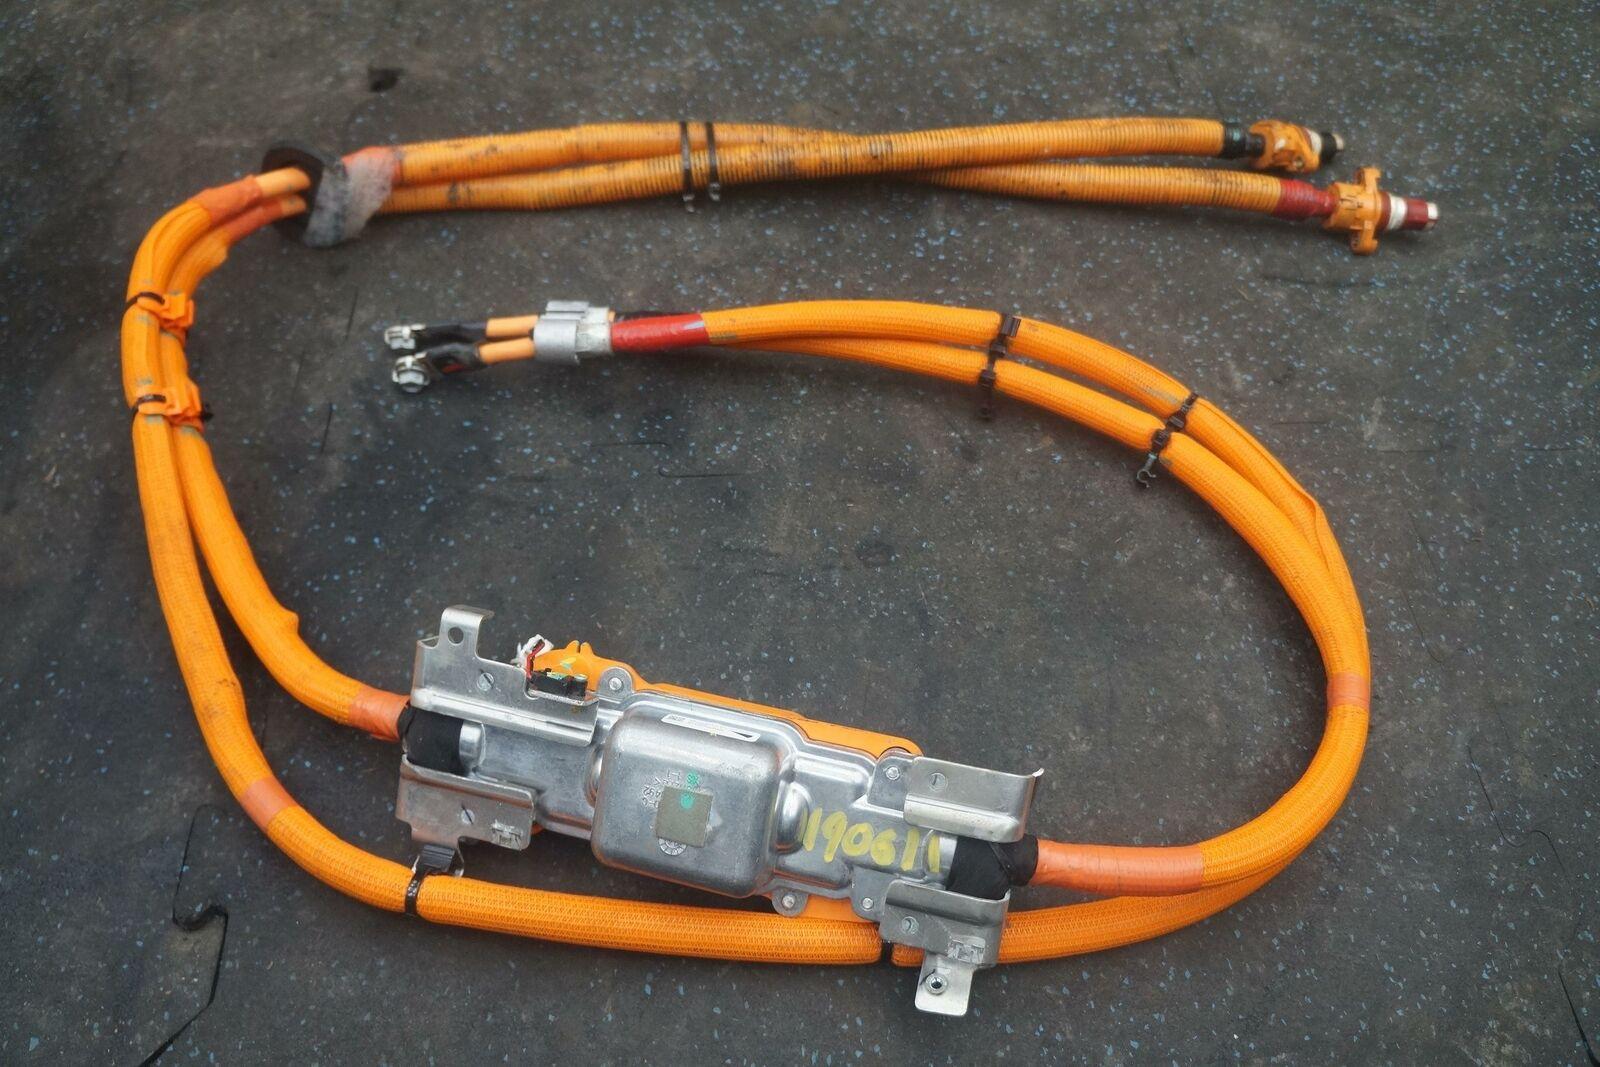 wire harness box rear drive unit fuse box cable wire harness 1048690 10 c oem tesla wire harness board accessories rear drive unit fuse box cable wire